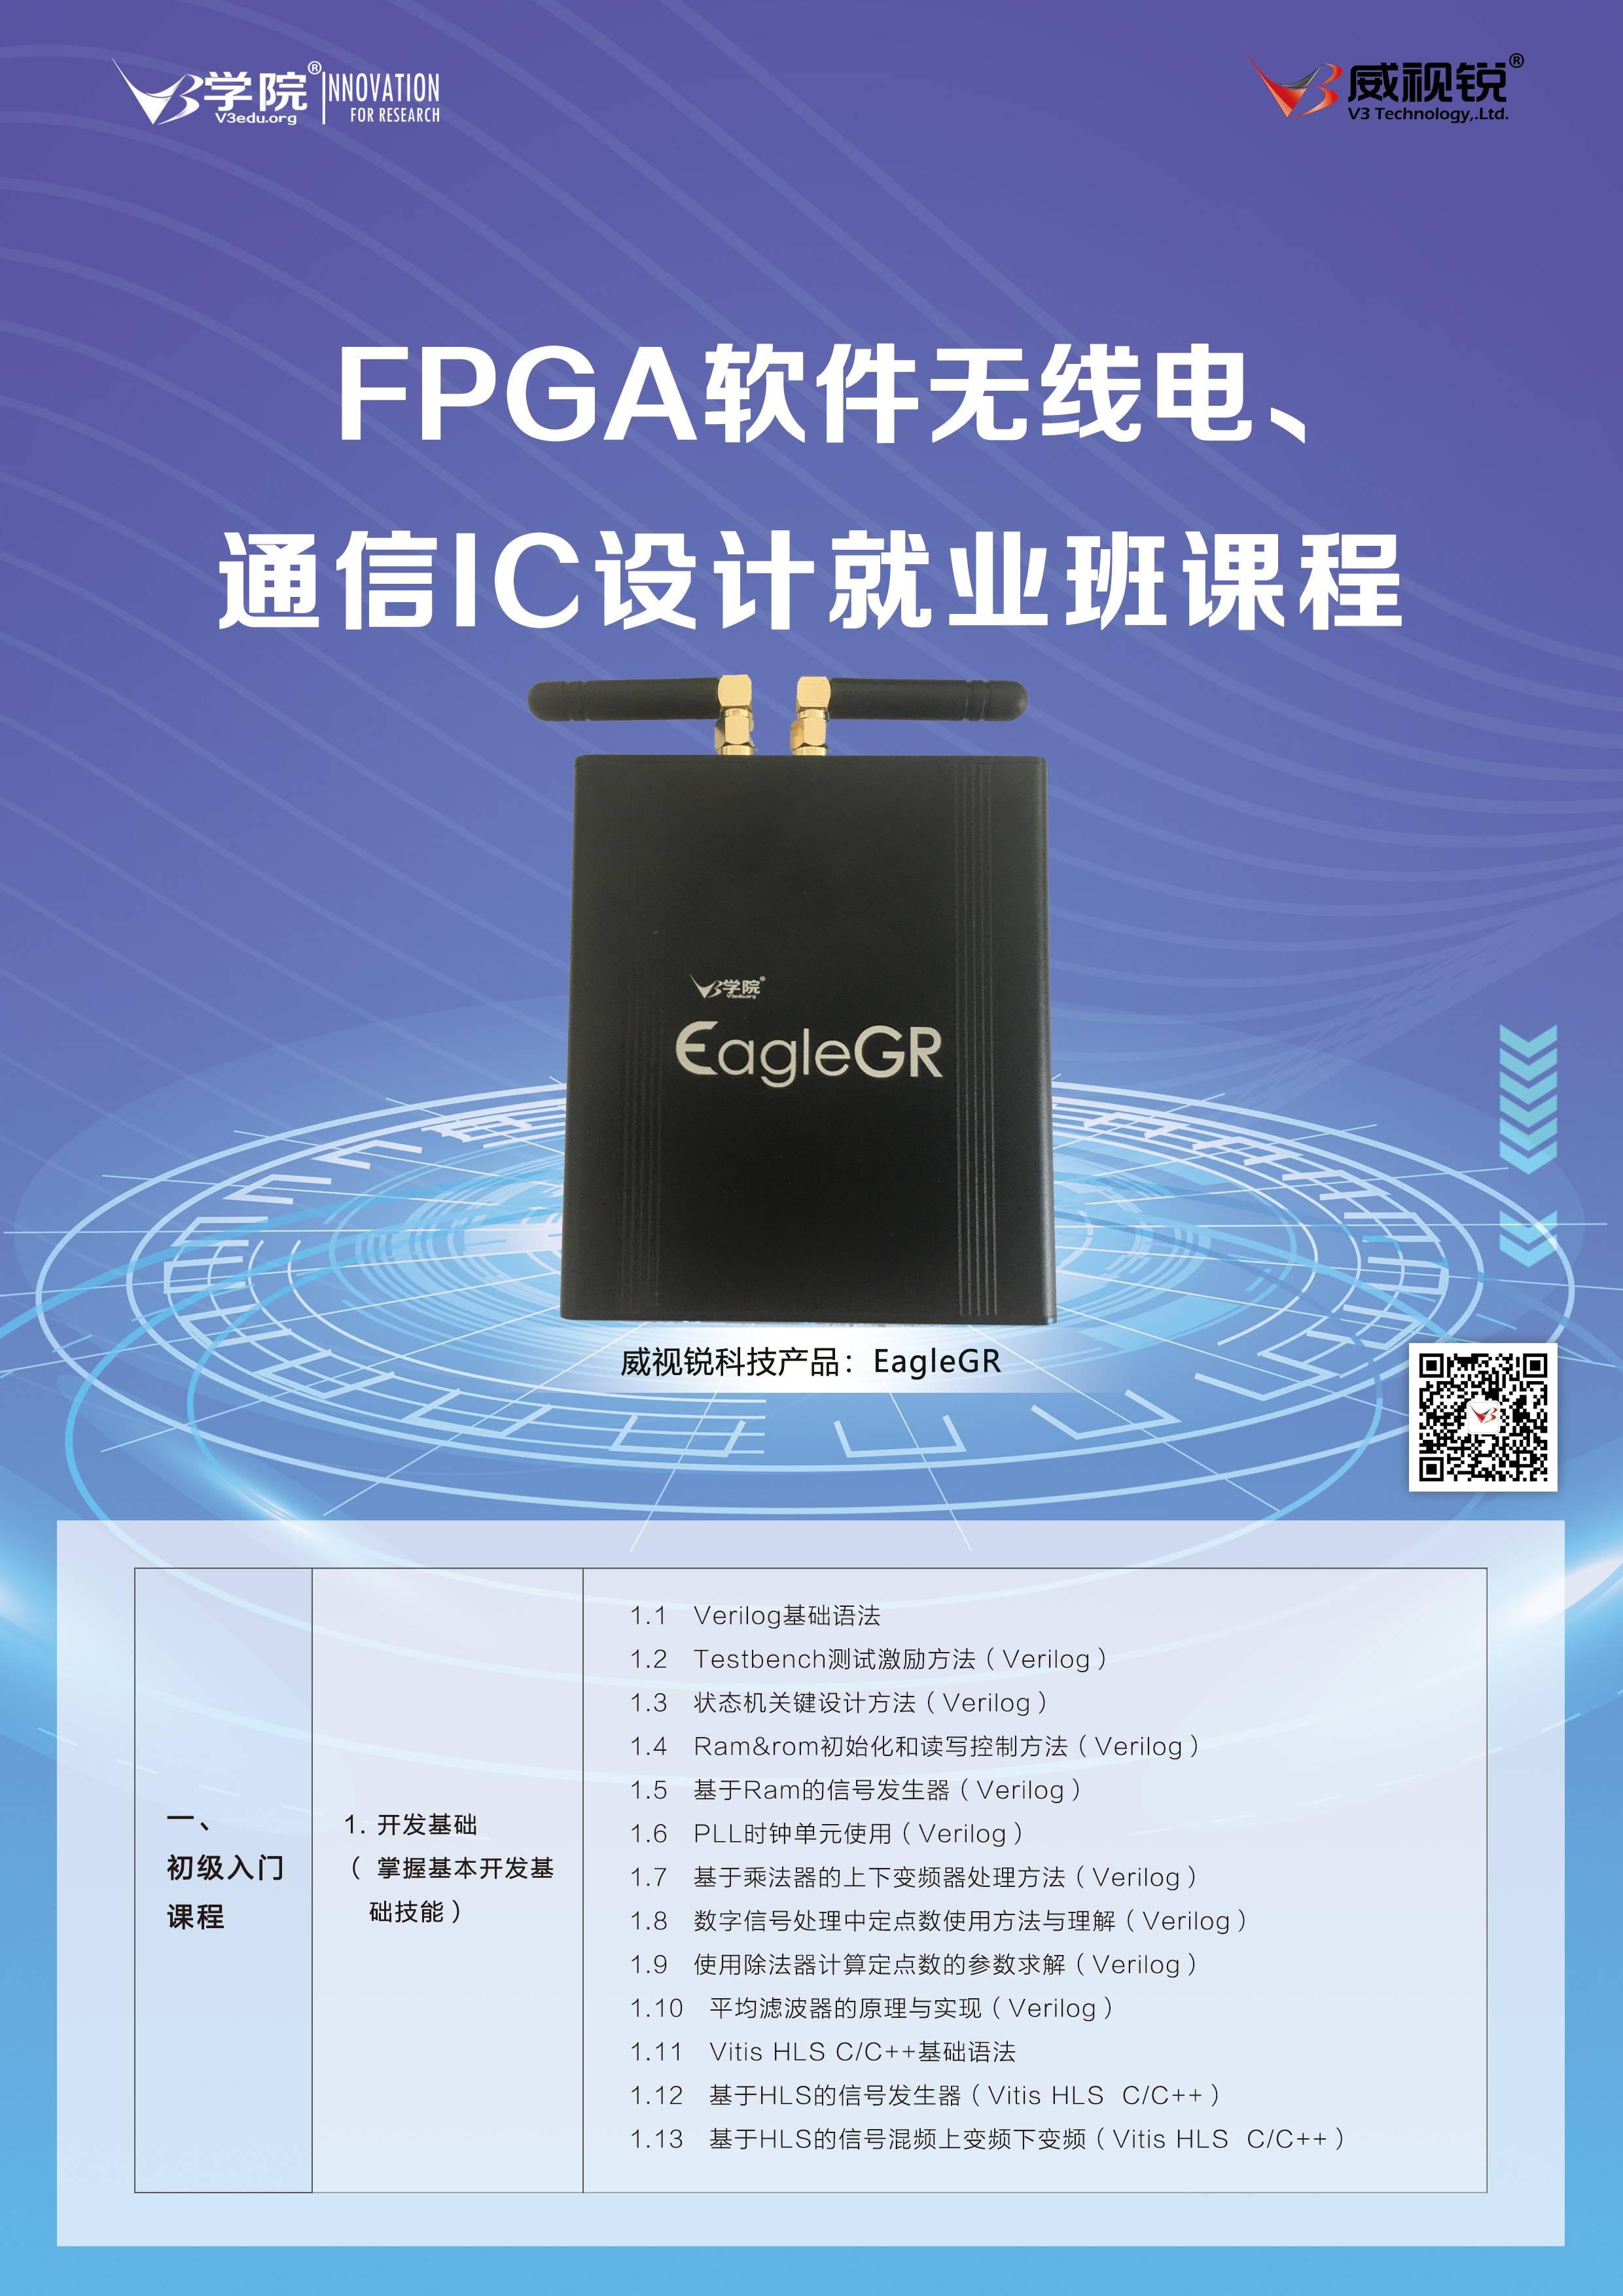 file_1601196179999.jpg